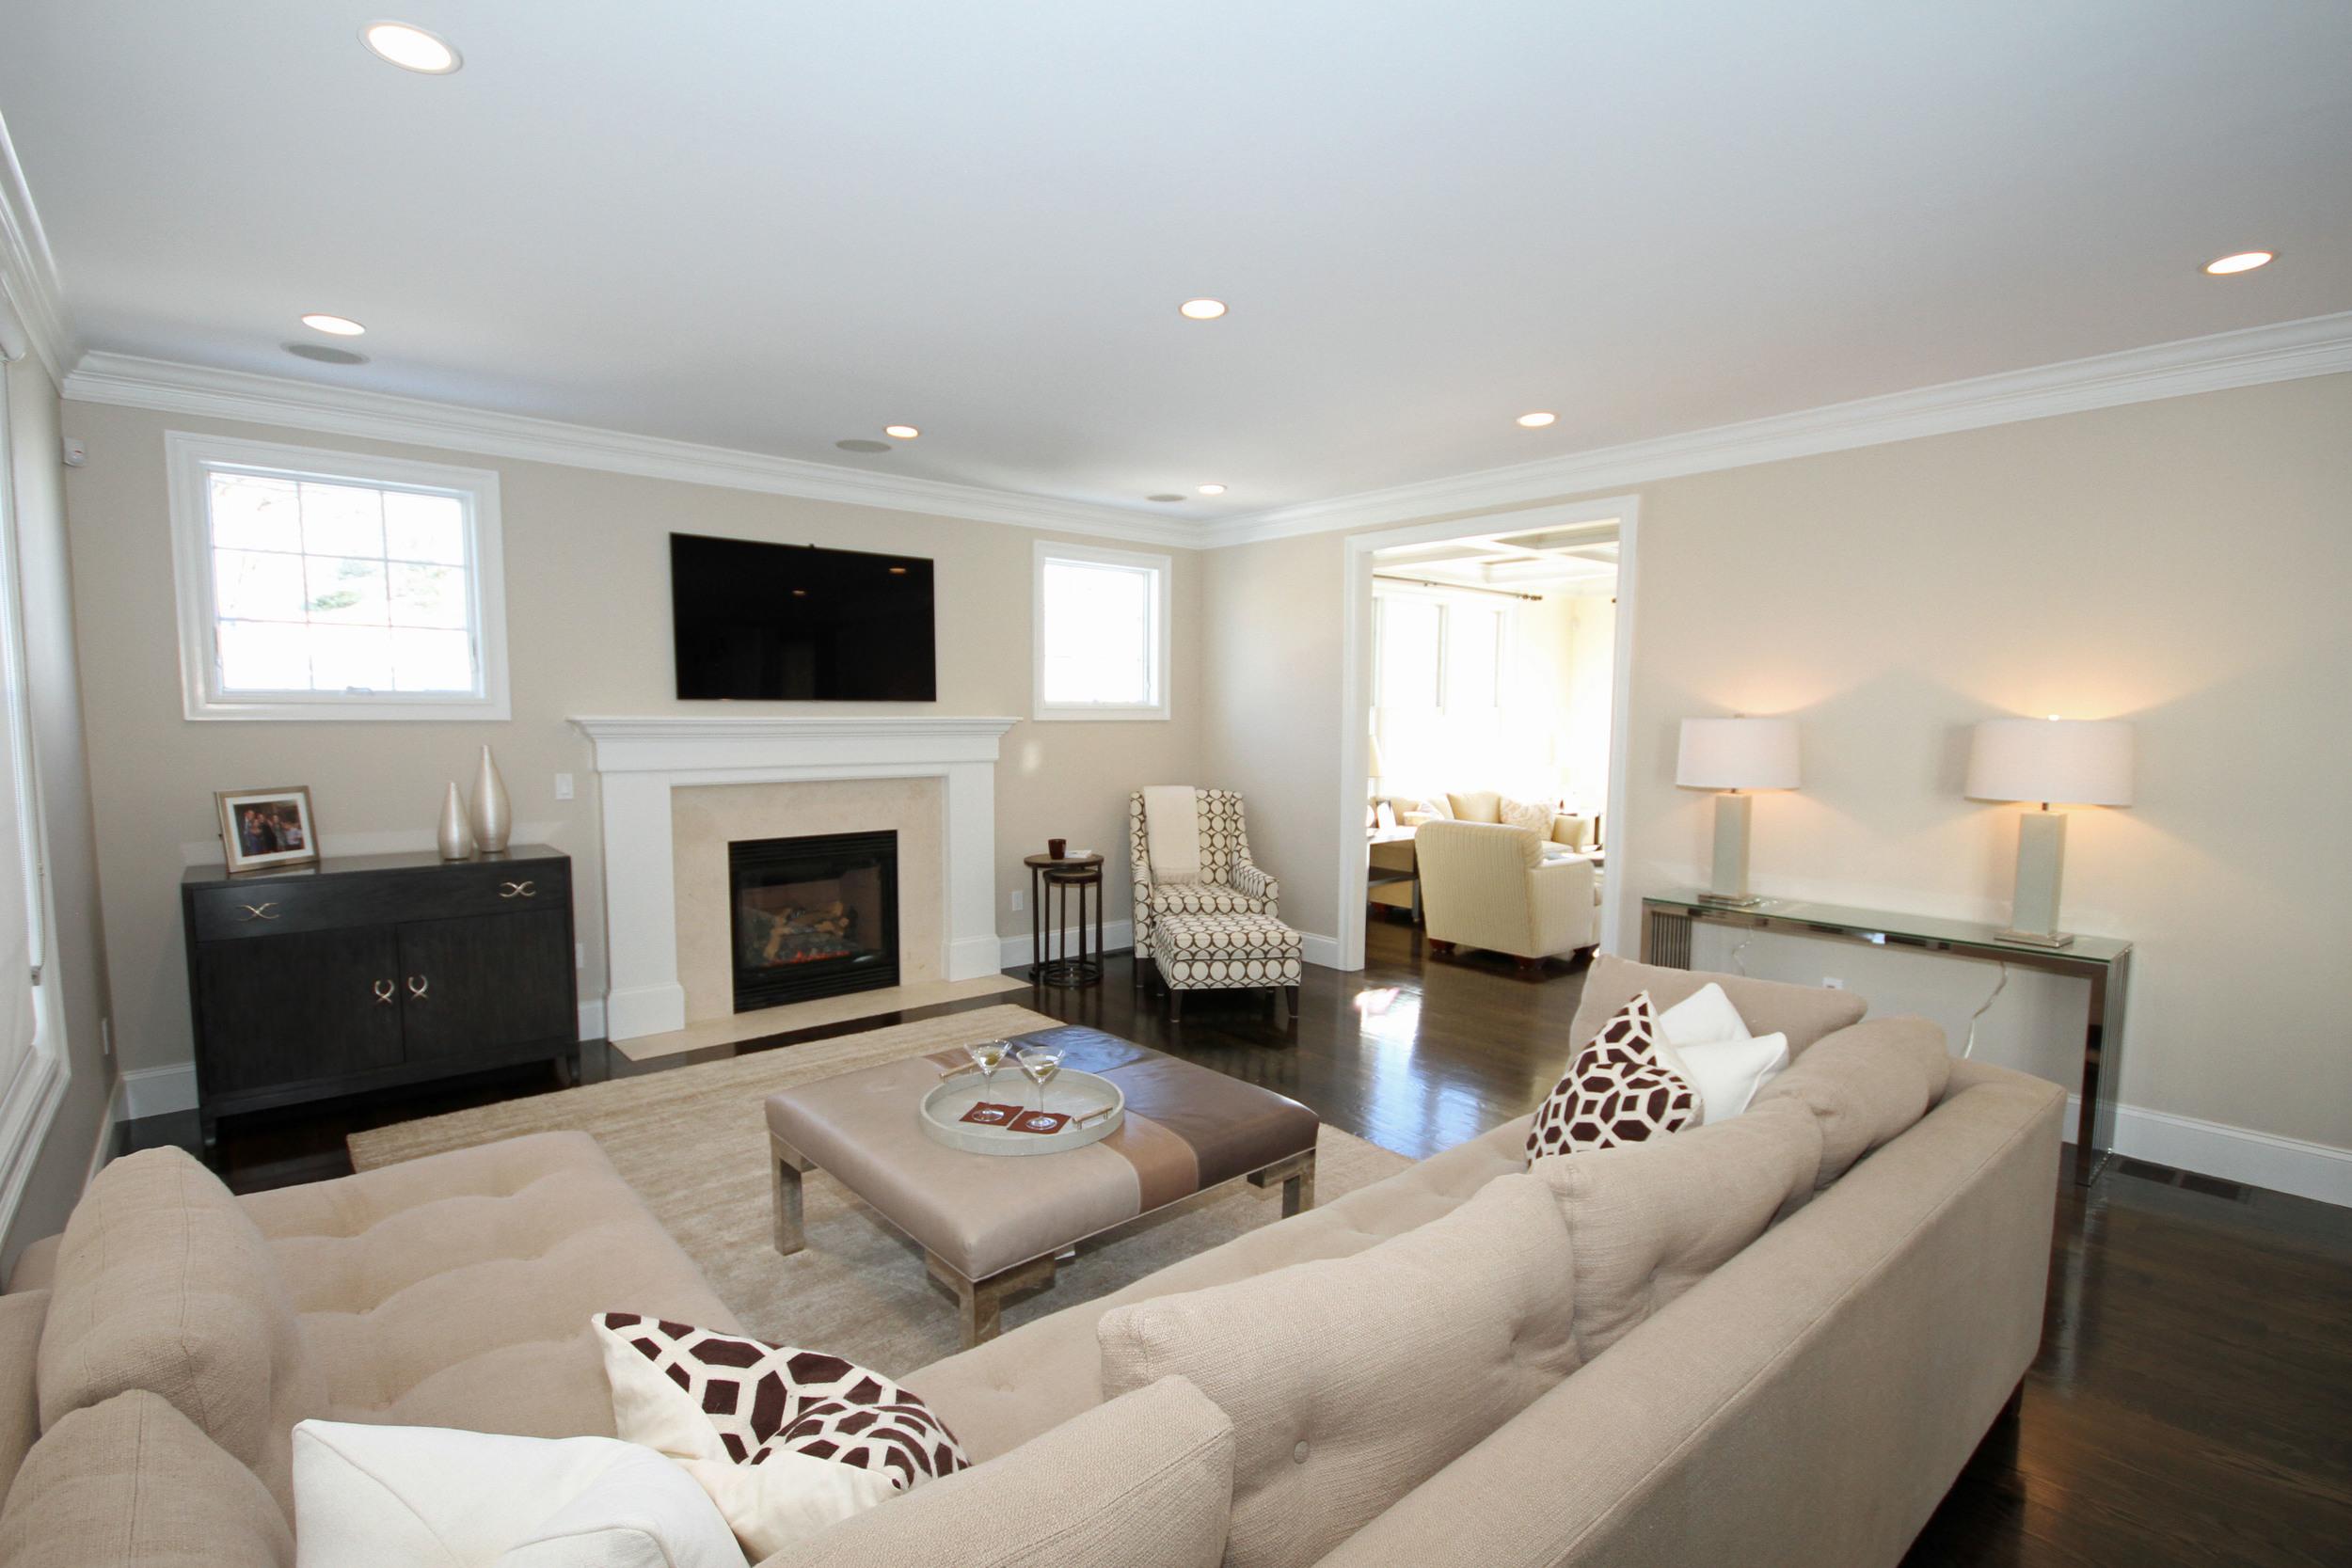 living room from left corner.jpg